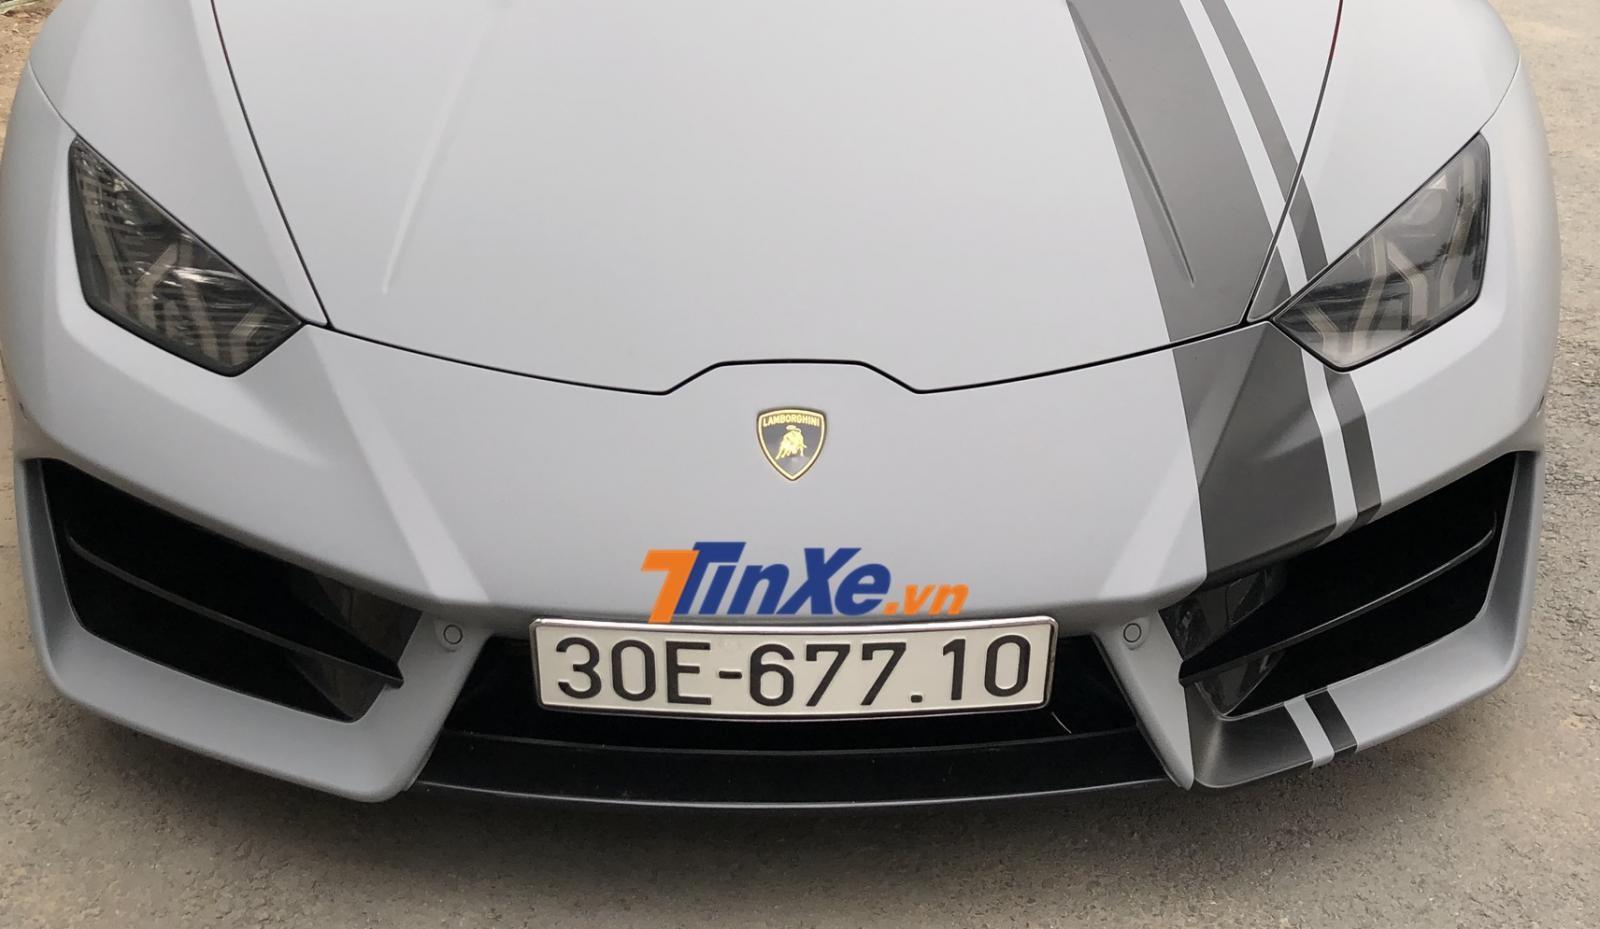 Siêu xe Lamborghini Huracan này thuộc bản dẫn động cầu sau nên hốc gió trước có thêm thanh gió nằm ngang